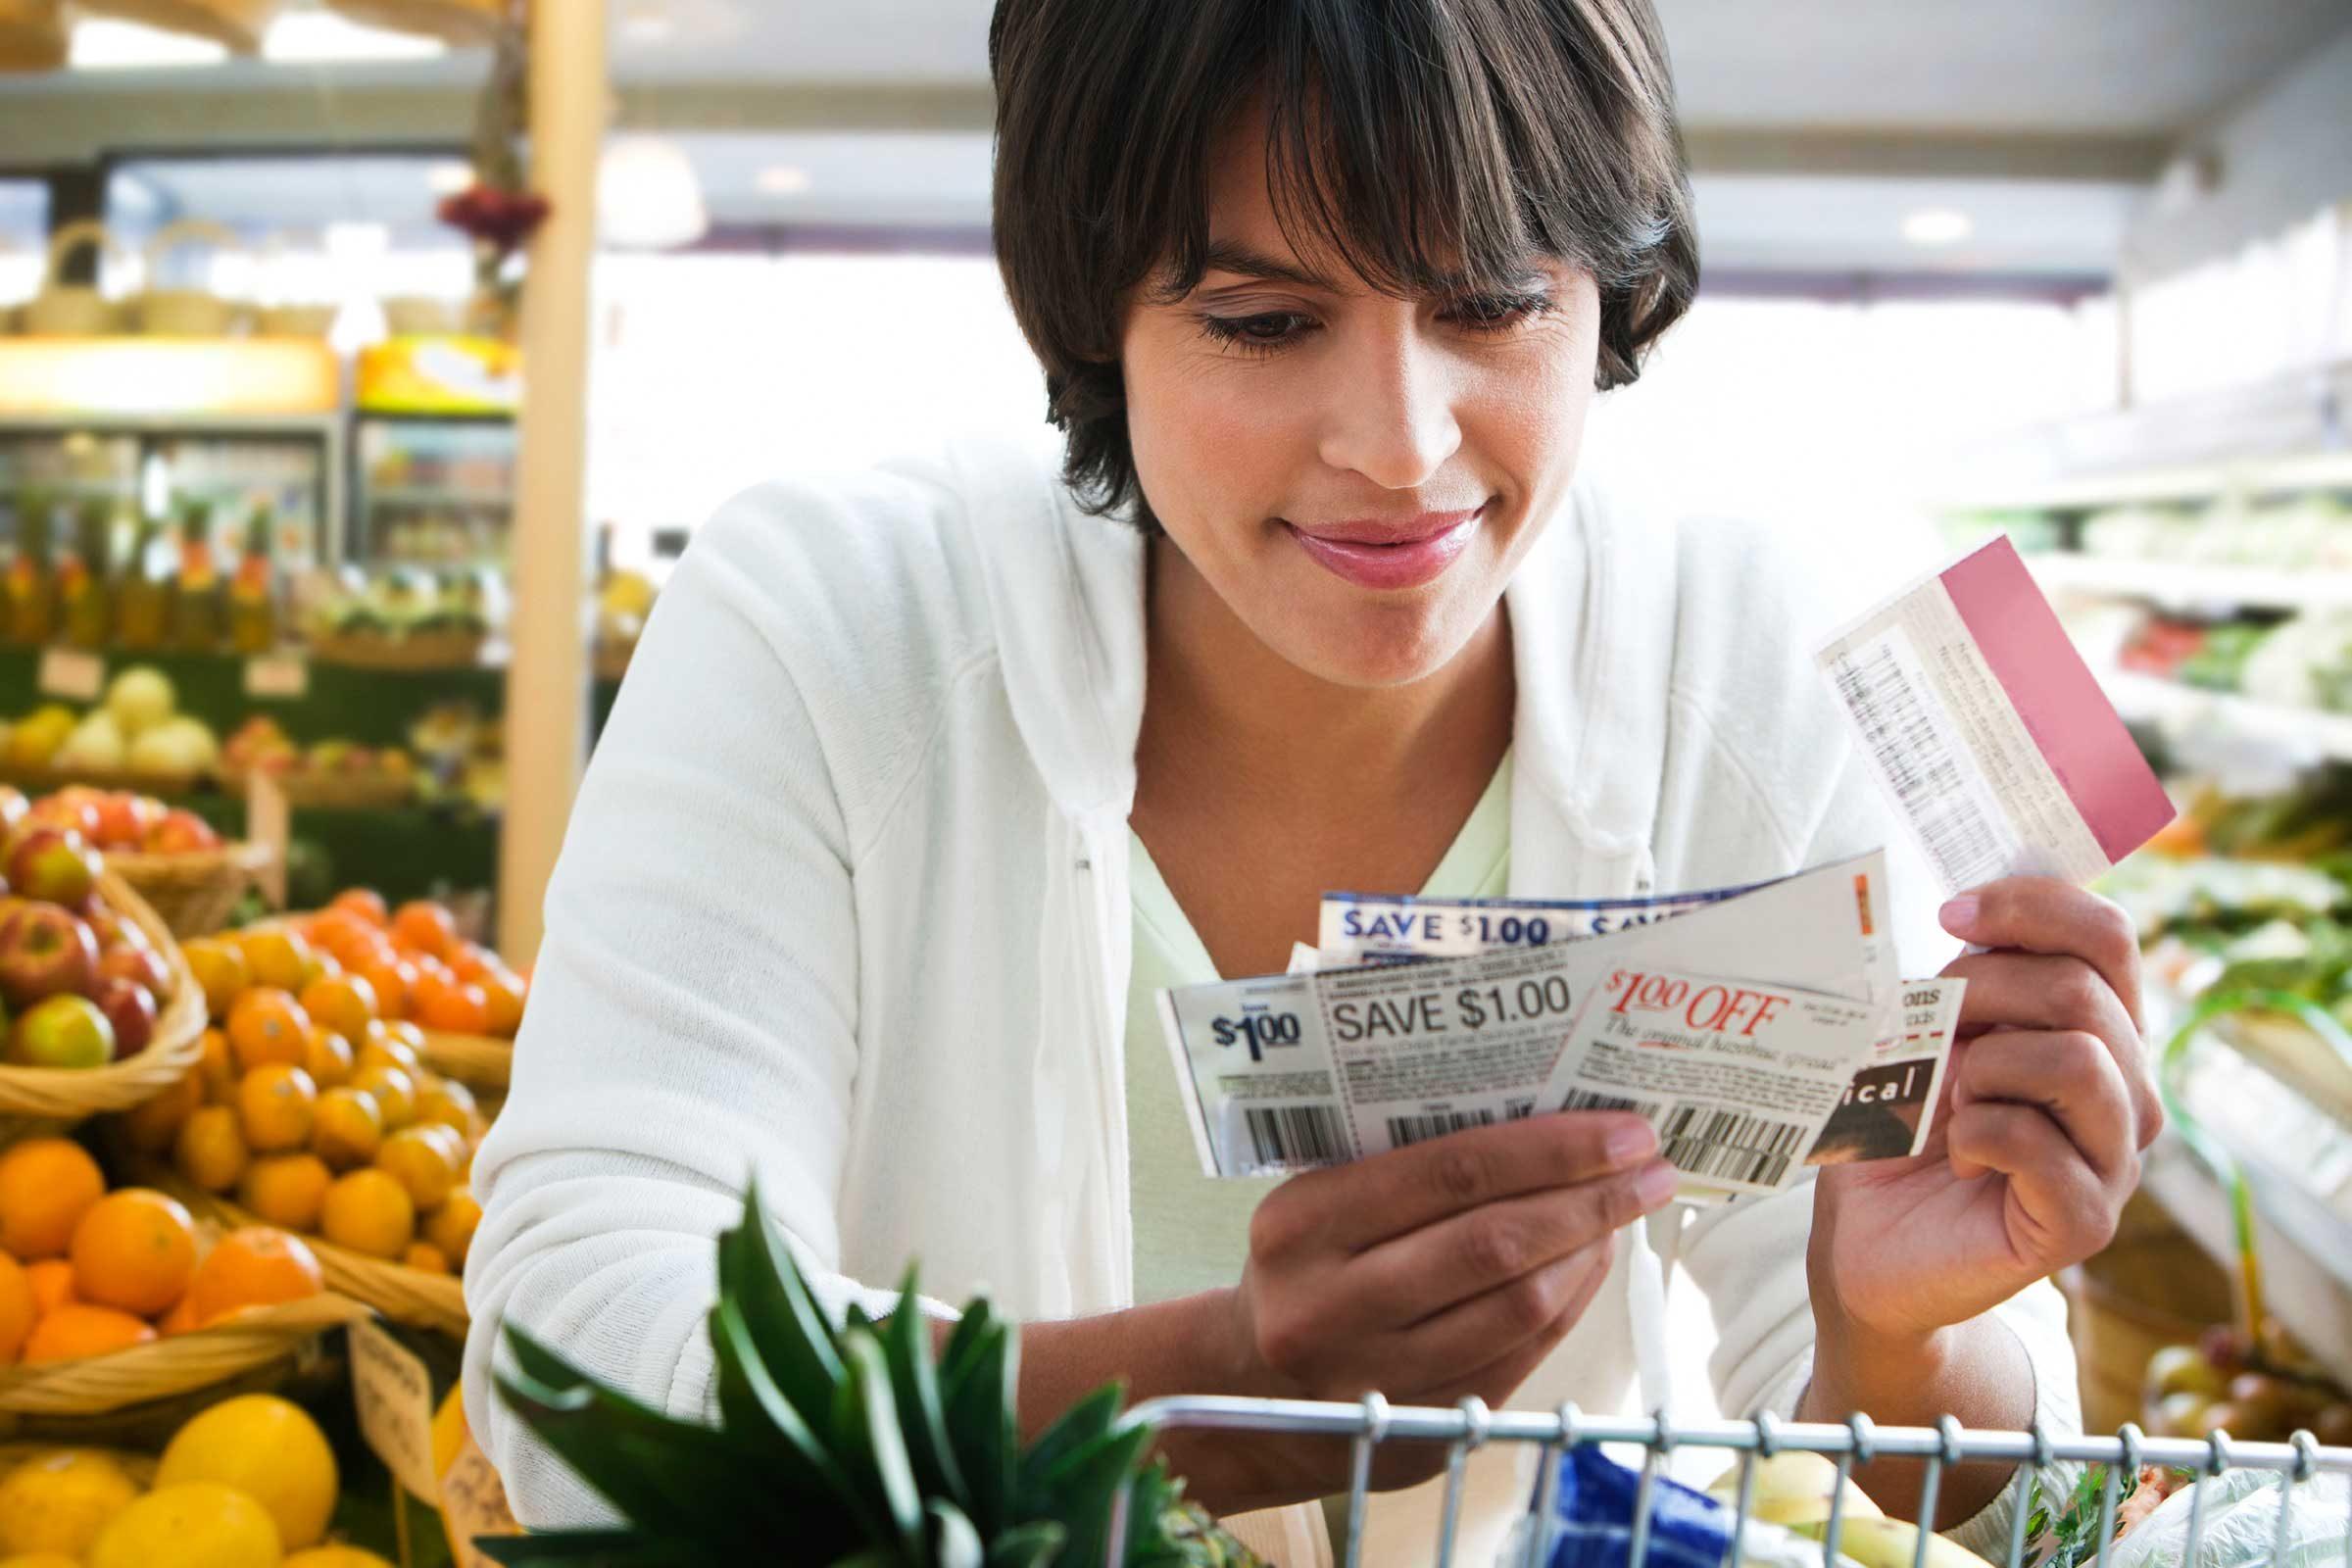 Les gens qui économisent de l'argent utilisent la coupons.